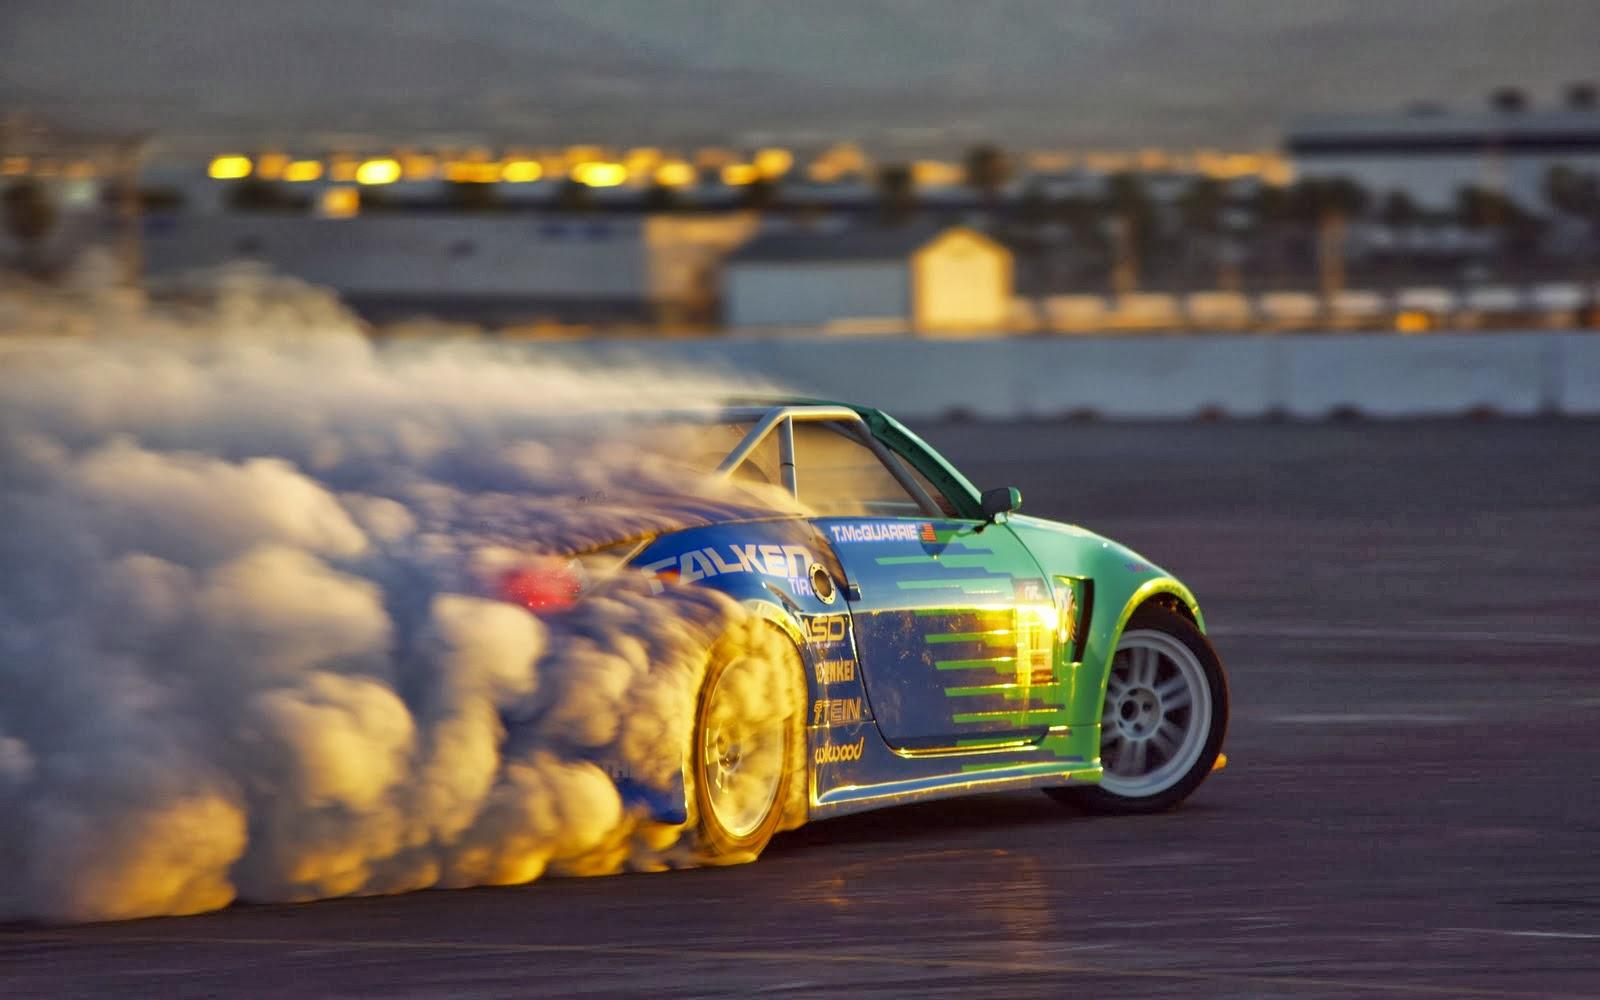 سوبارو+تفحيط+سيارات+اليابانية